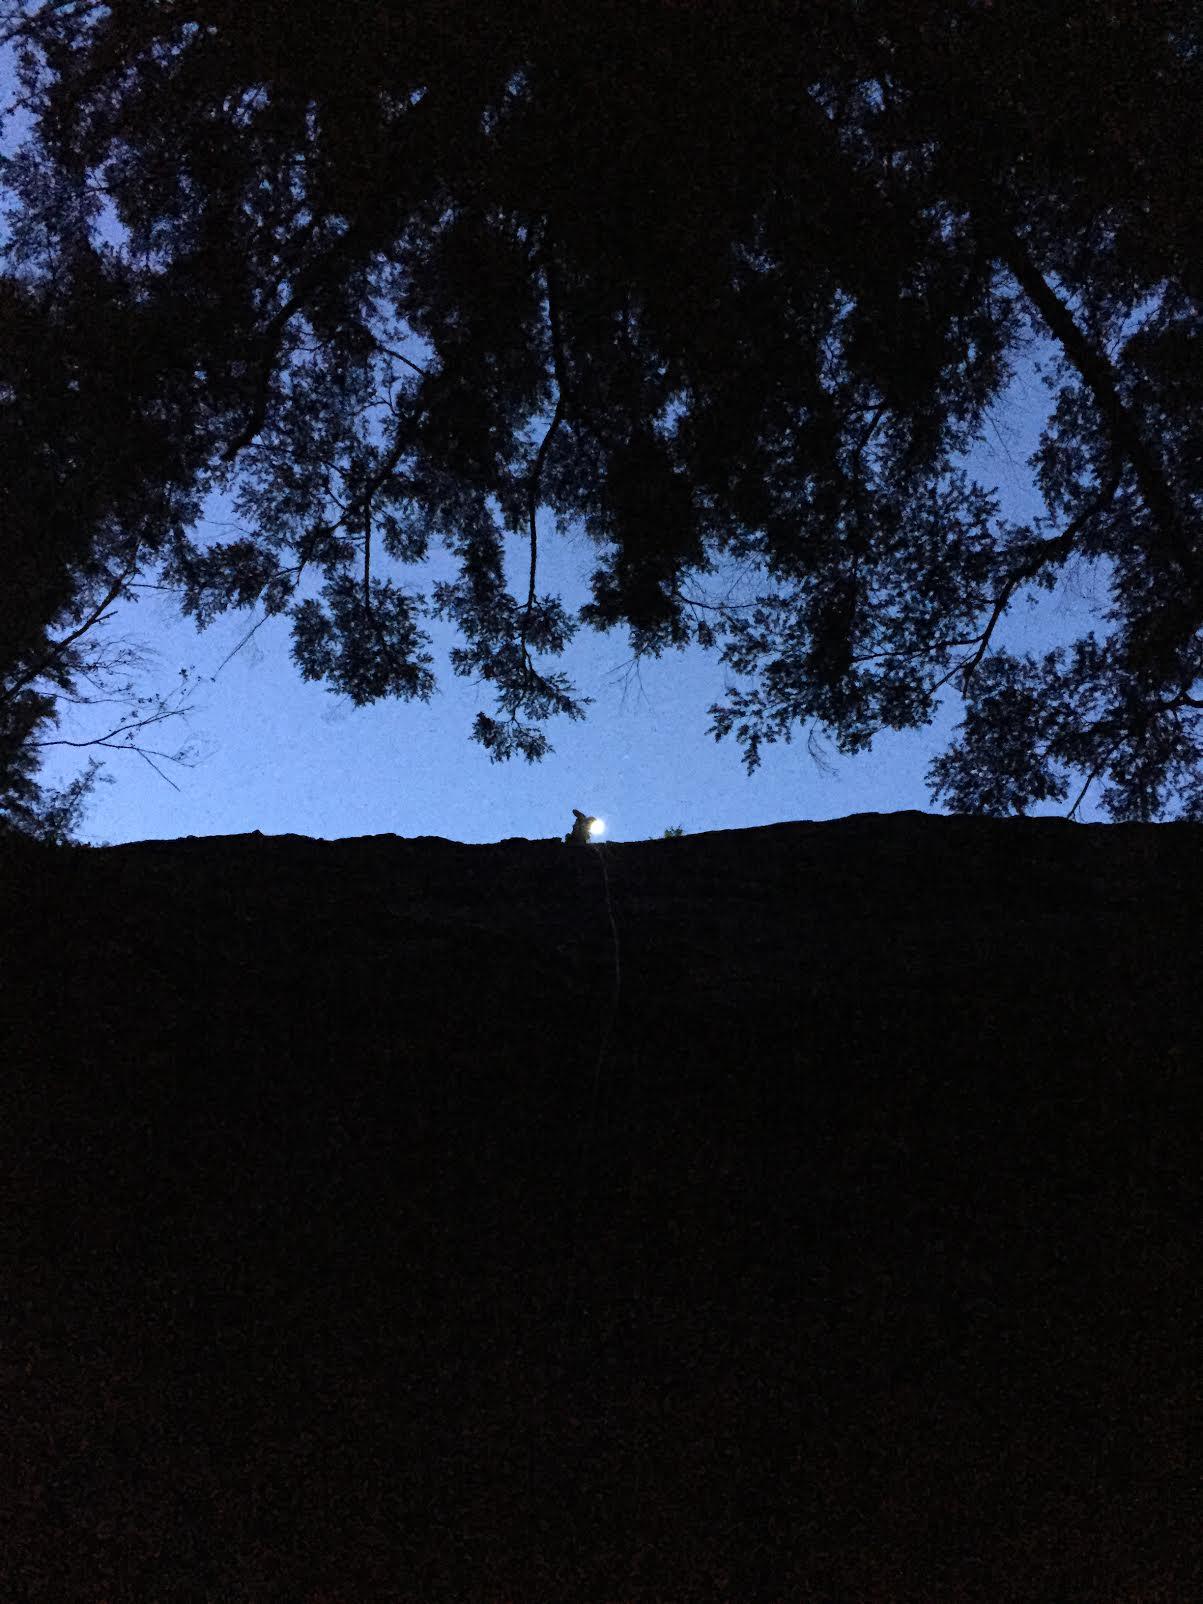 Night Climbing at Substation